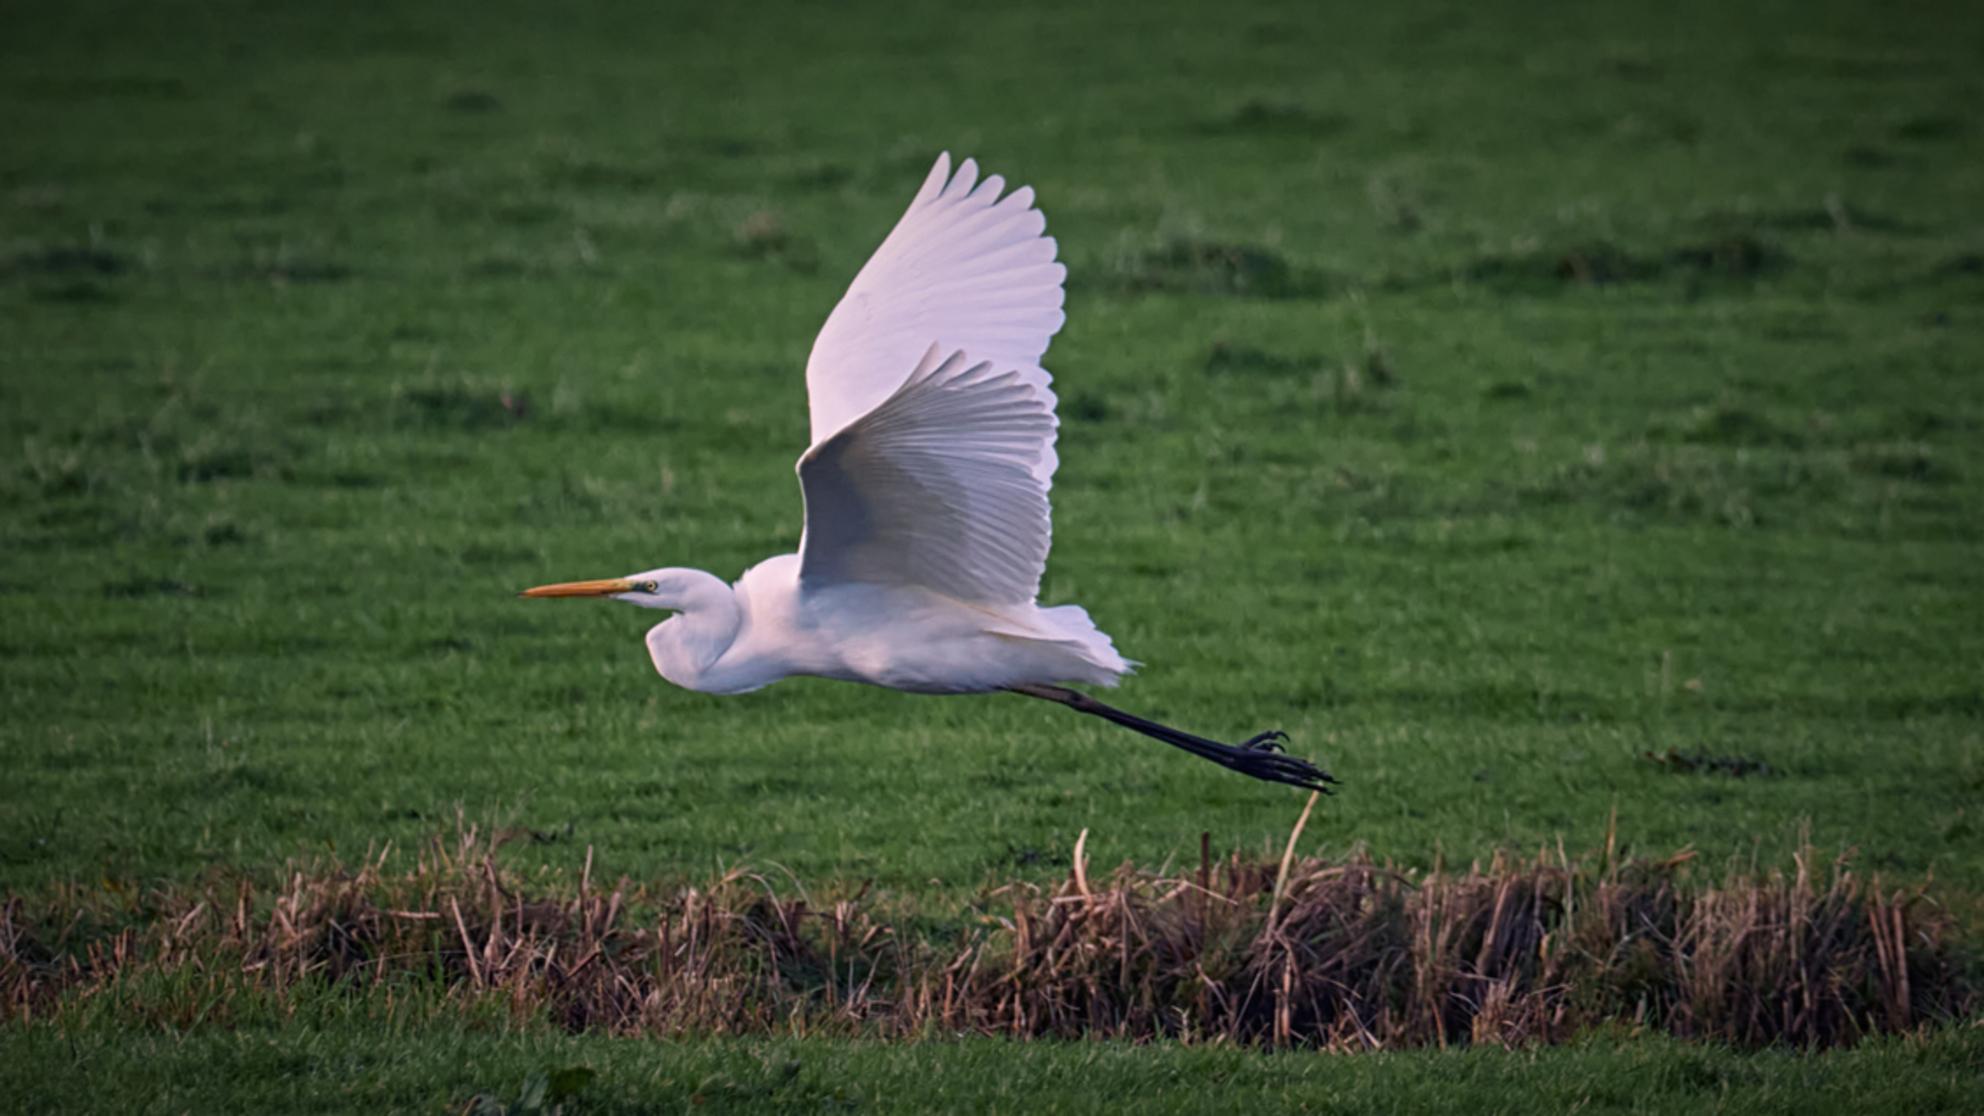 Fly... - ... - foto door Christiaan_zoom op 01-01-2021 - deze foto bevat: wit, natuur, vleugels, zilver, dieren, veren, vogel, vliegen, riet, watervogel, poten, snavel, zilverreiger, graspol, grasland